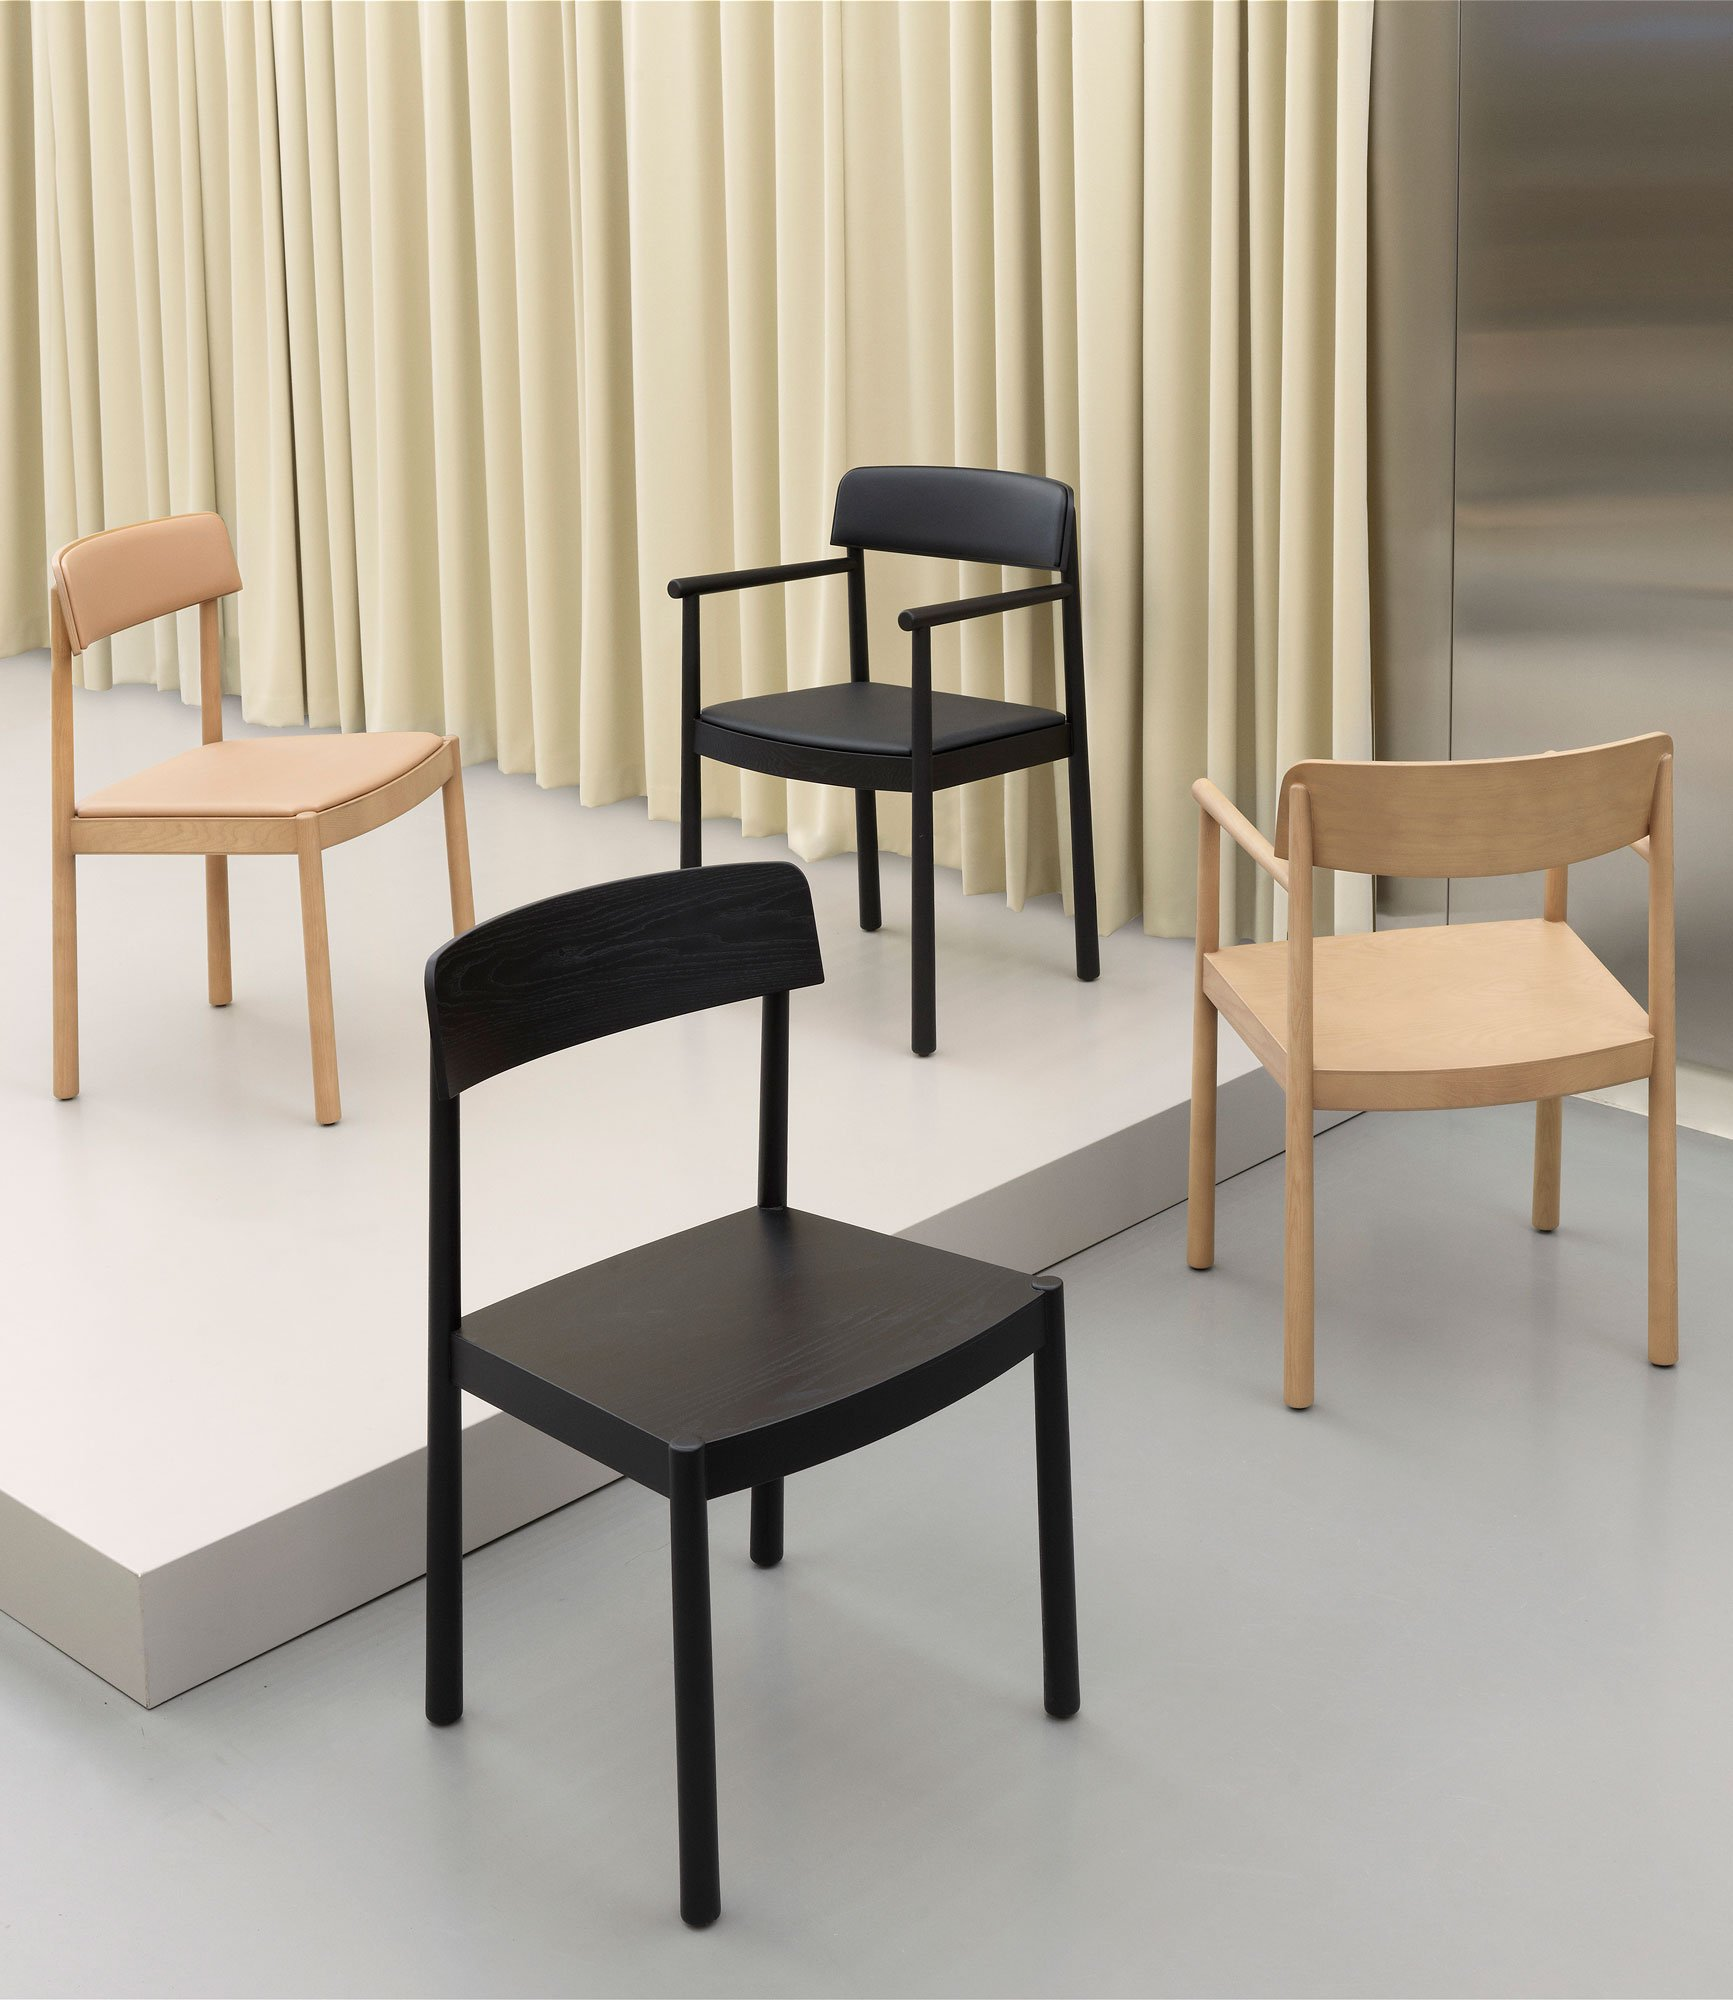 Solider Holzstuhl von Simon Legald für Normann Copenhagen